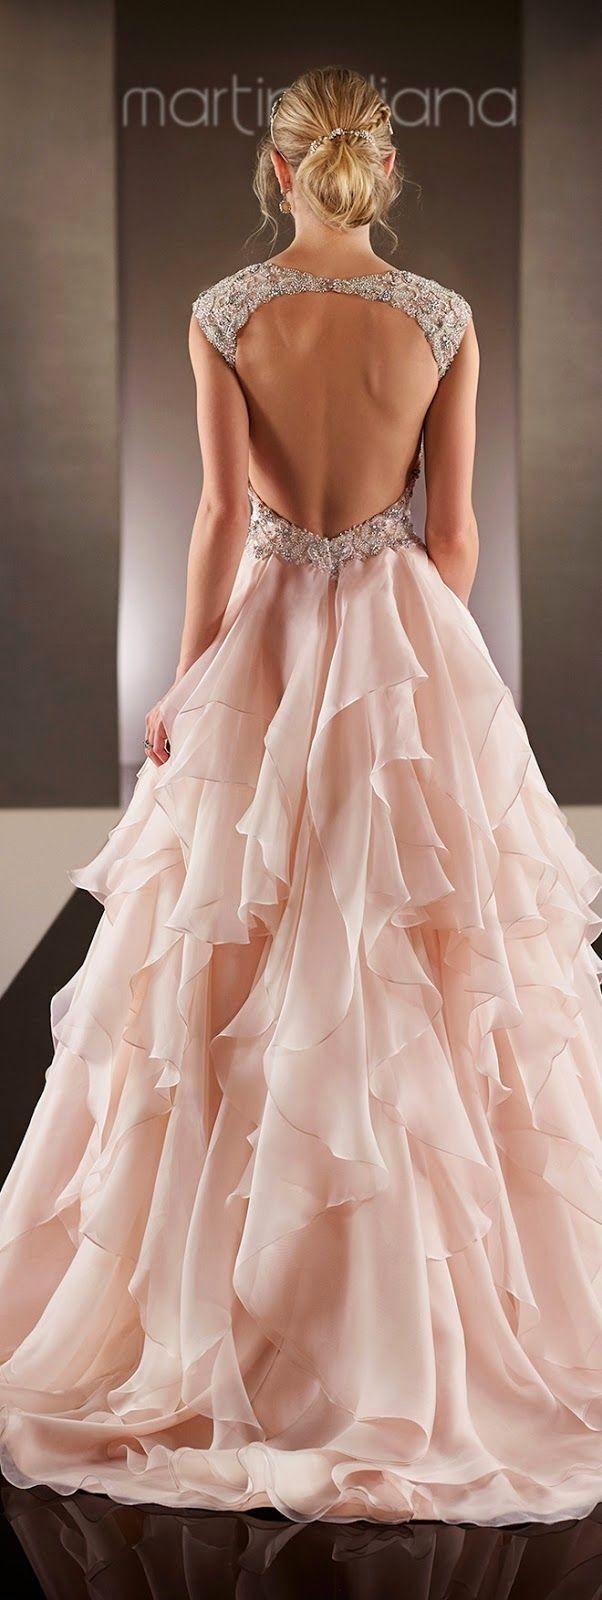 La espalda de un vestido de novia | Carmen Soto The Bride | Atelier ...